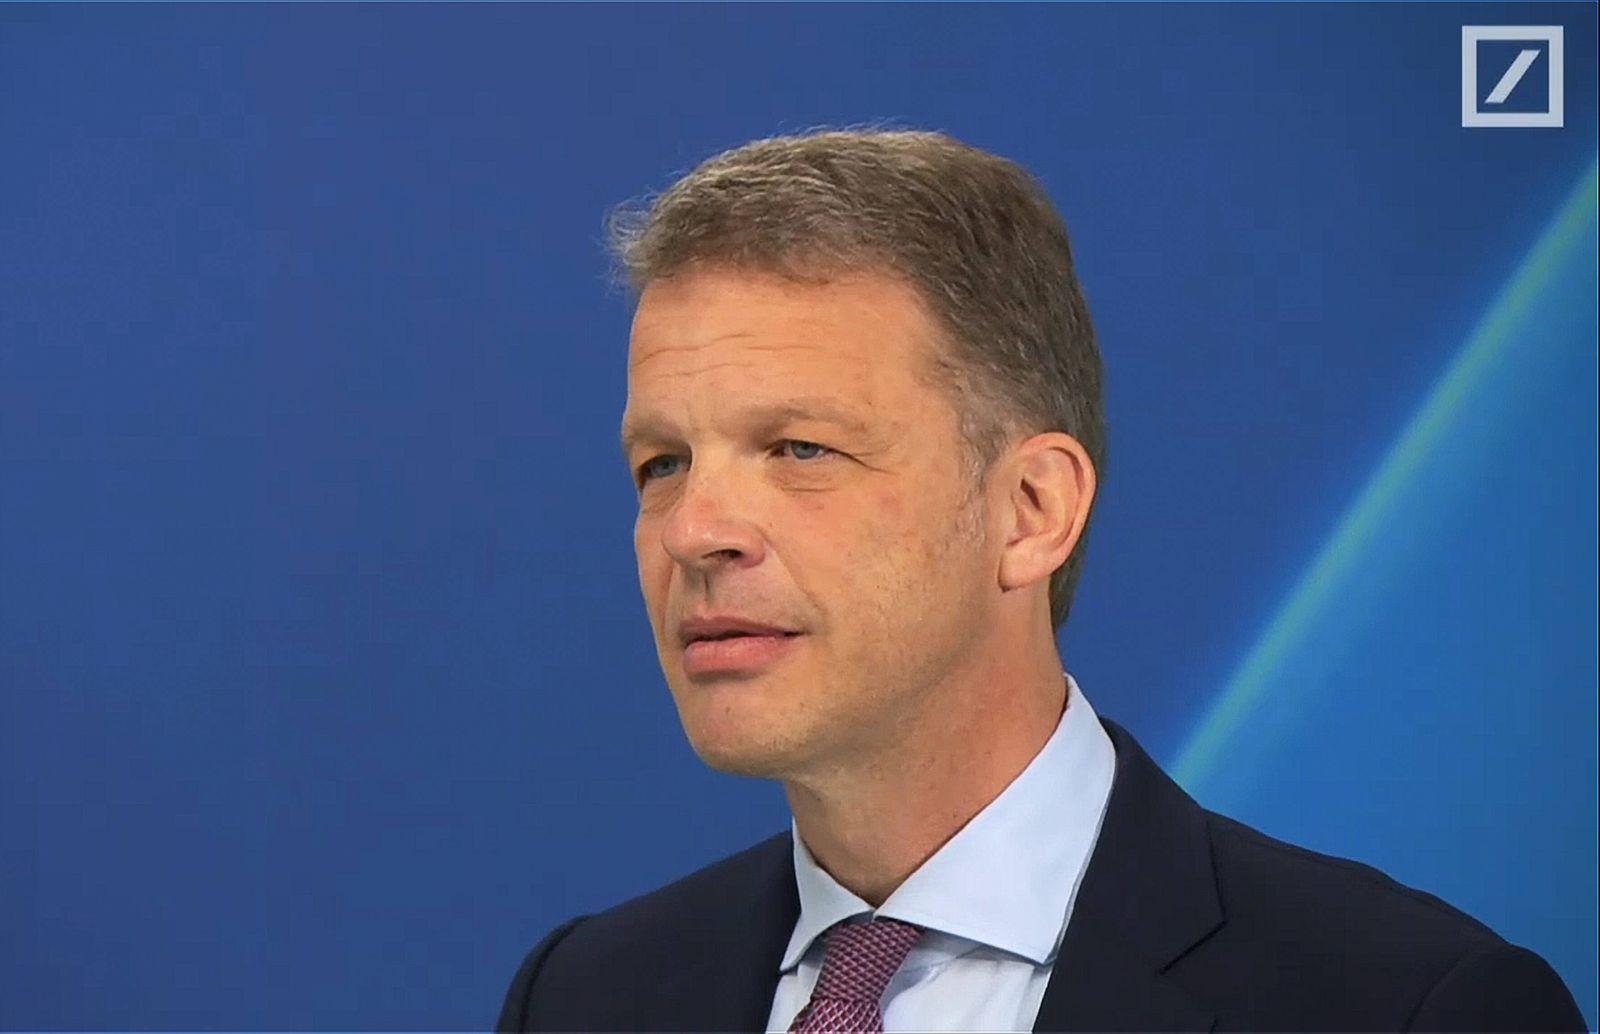 Deutschland, Frankfurt, 27.05.2021 Hauptversammlung der Deutsche Bank AG Foto: Christian Sewing, Vorstandsvorsitzender (